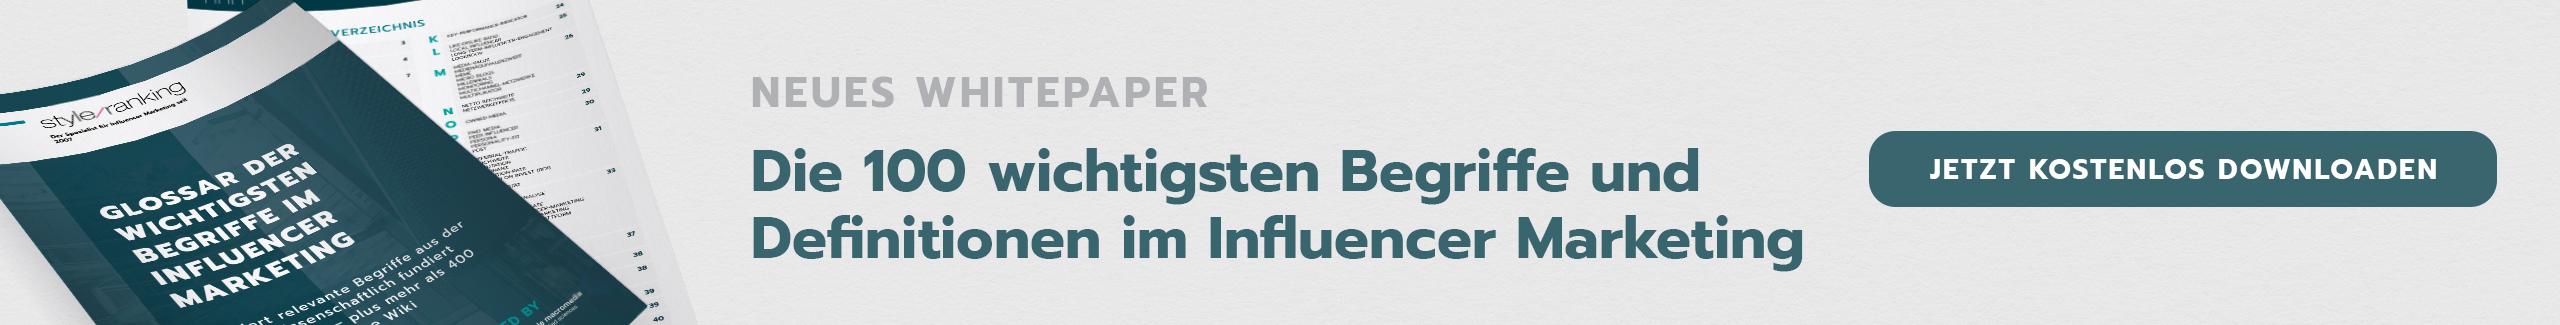 Die 100 wichtigsten Begriffe und Definitionen im Influencer Marketing